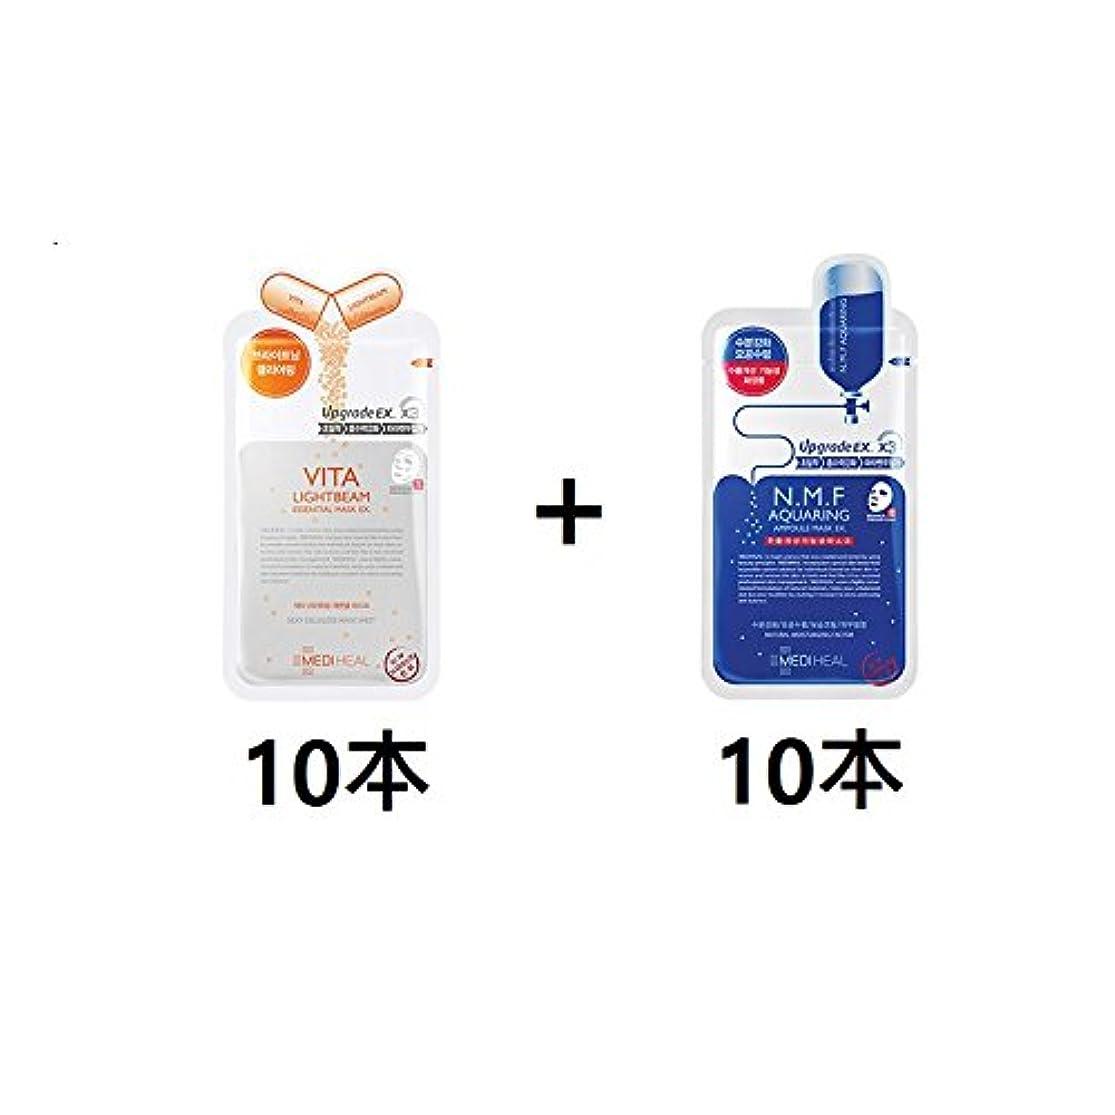 西部覗く十分な[10+10] [メディヒール] Mediheal [N.M.F アクアリング アンプルマスク EX (10枚)] + [ Vita Lightbeam ビター ライトビーム エッセンシャル マスクパック EX (10枚...